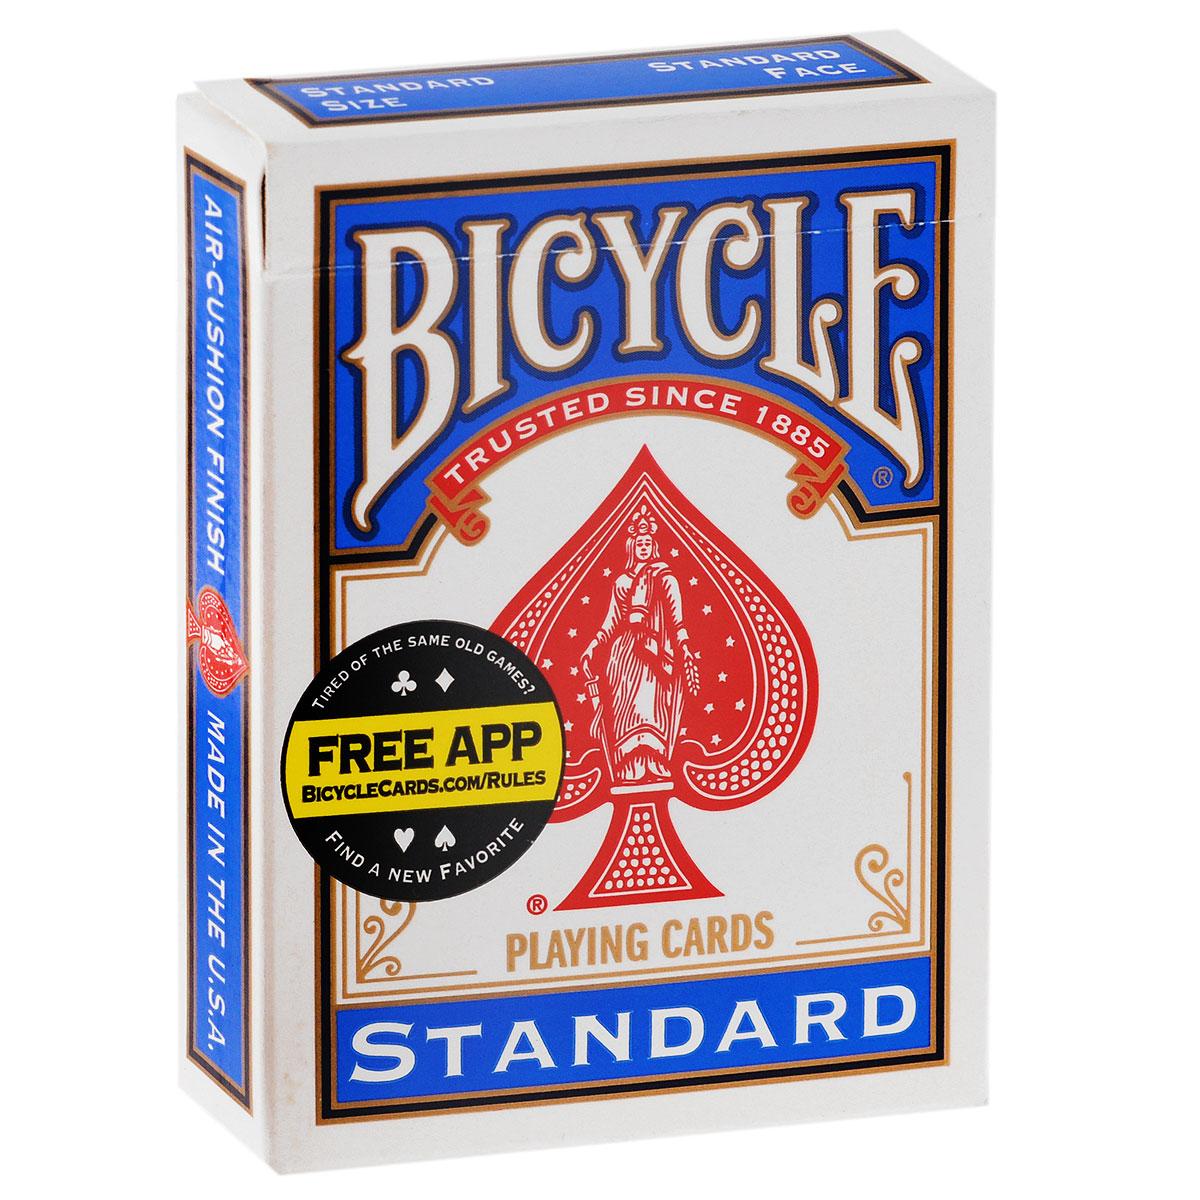 Карты для фокусов Bicycle Double Face, цвет: синий, белый, 56 штК-037Карты для фокусов Bicycle Double Face изготовлены из картона с пластиковым покрытием. Колода имеет классический покерный размер и дизайн, создана на основе колоды Bicycle Standard. Double Face - карты, на которых с одной и с другой стороны изображена масть и достоинство карты, то есть, лицо. Они широко применяются для различных трюков и фокусов, а благодаря качественному исполнению, что характерно для всех колод бренда Bicycle, ими удобно производить различные манипуляции, поэтому карты для фокусов Bicycle Double Face пользуются спросом у профессиональных фокусников и карточных мошенников во всем мире. Кроме того, размеры карт и индексов, а также дизайн, целиком соответствуют дизайнерскому оформлению лицевой части обычных игральных карт серии Bicycle Standart синего и красного цвета. Обращаем ваше внимание! Данный комплект карт поставляется без заводской целлофановой упаковки, что является особенностью всех карт для фокусов.